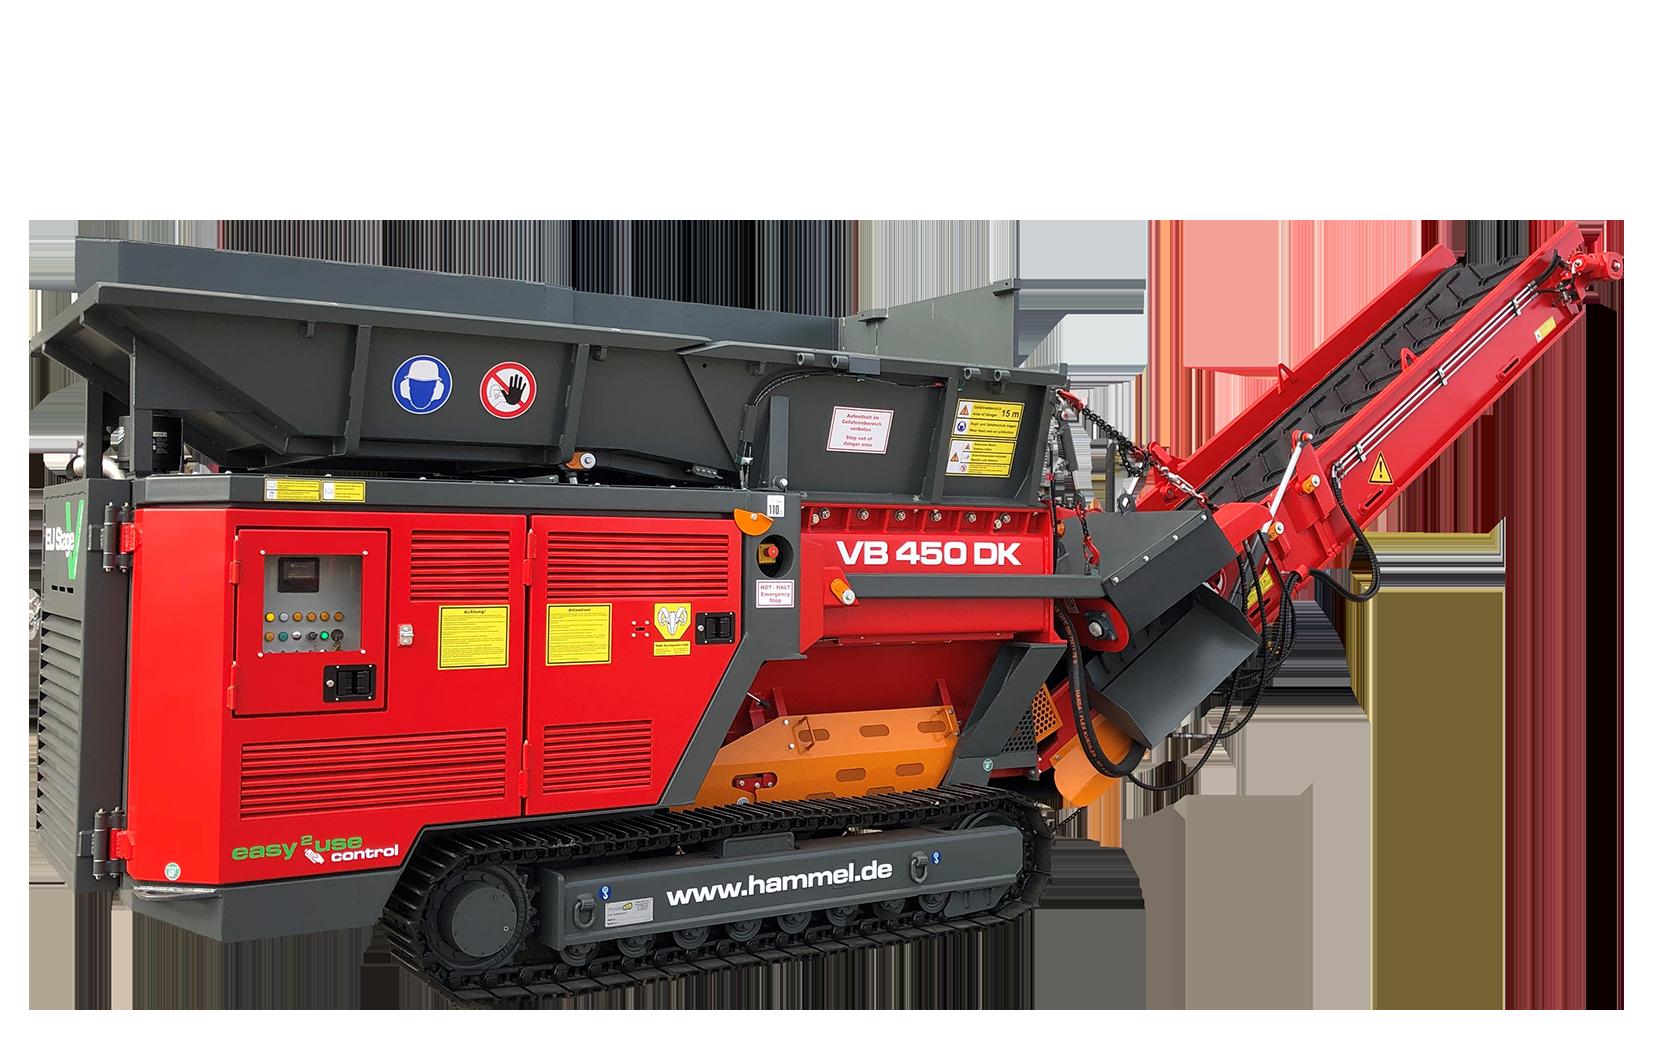 VB 450 DK